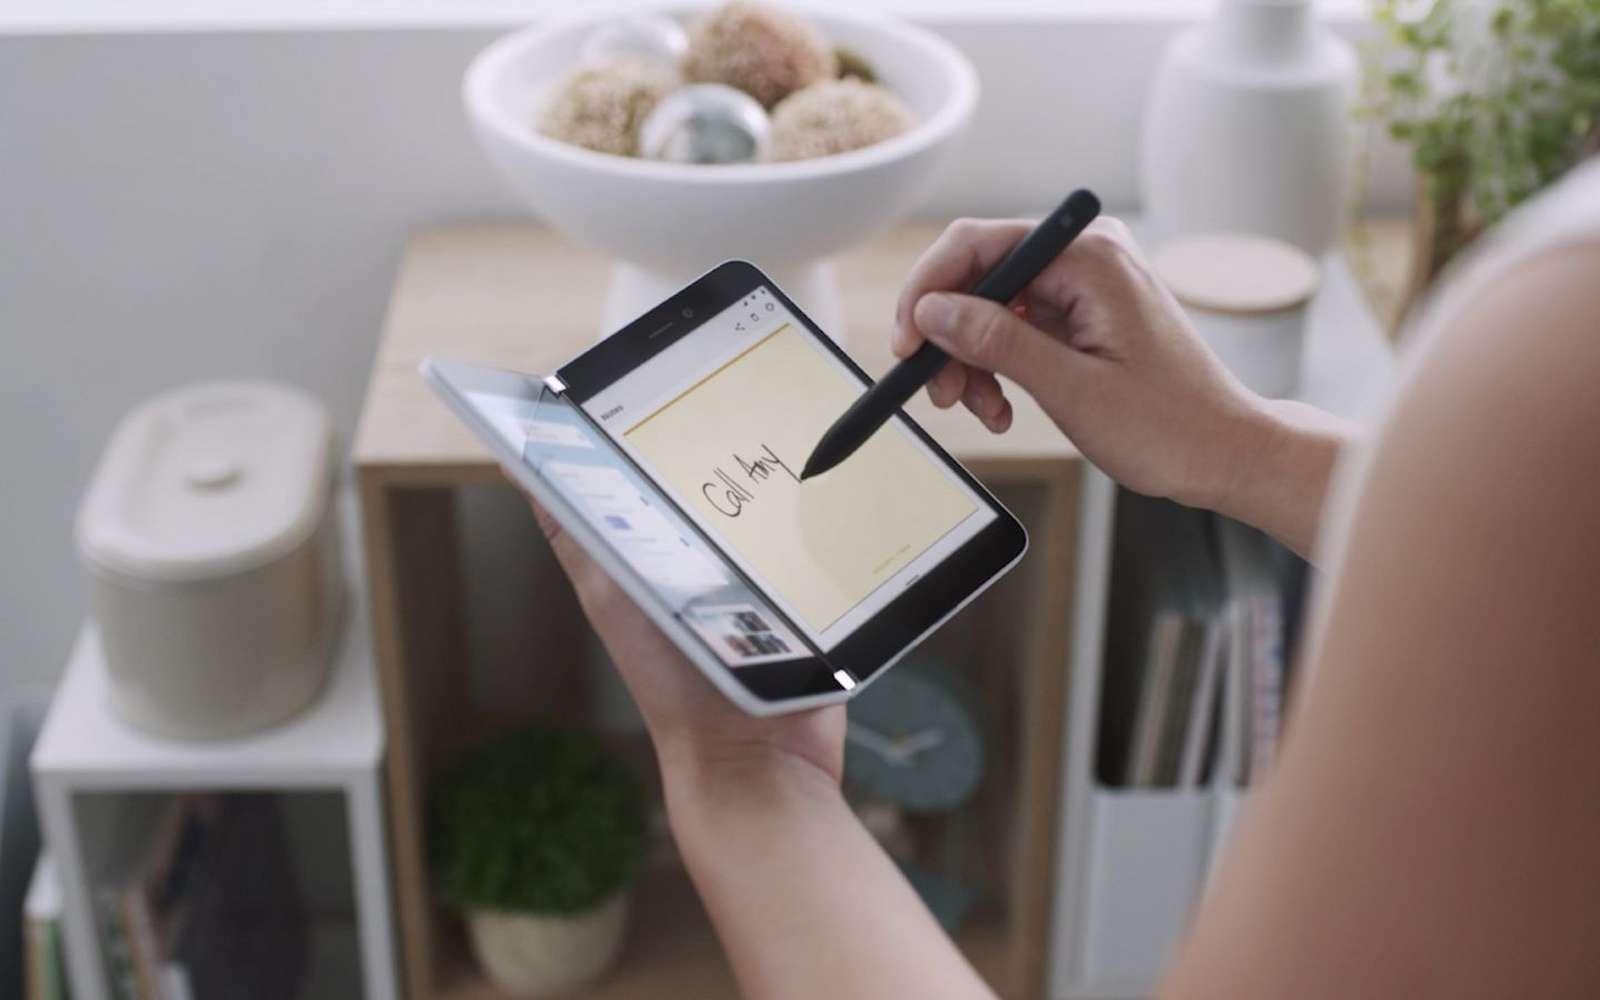 Le Surface Duo, premier smartphone Android de Microsoft, pourrait sortir bien avant la fin de l'année © Microsoft